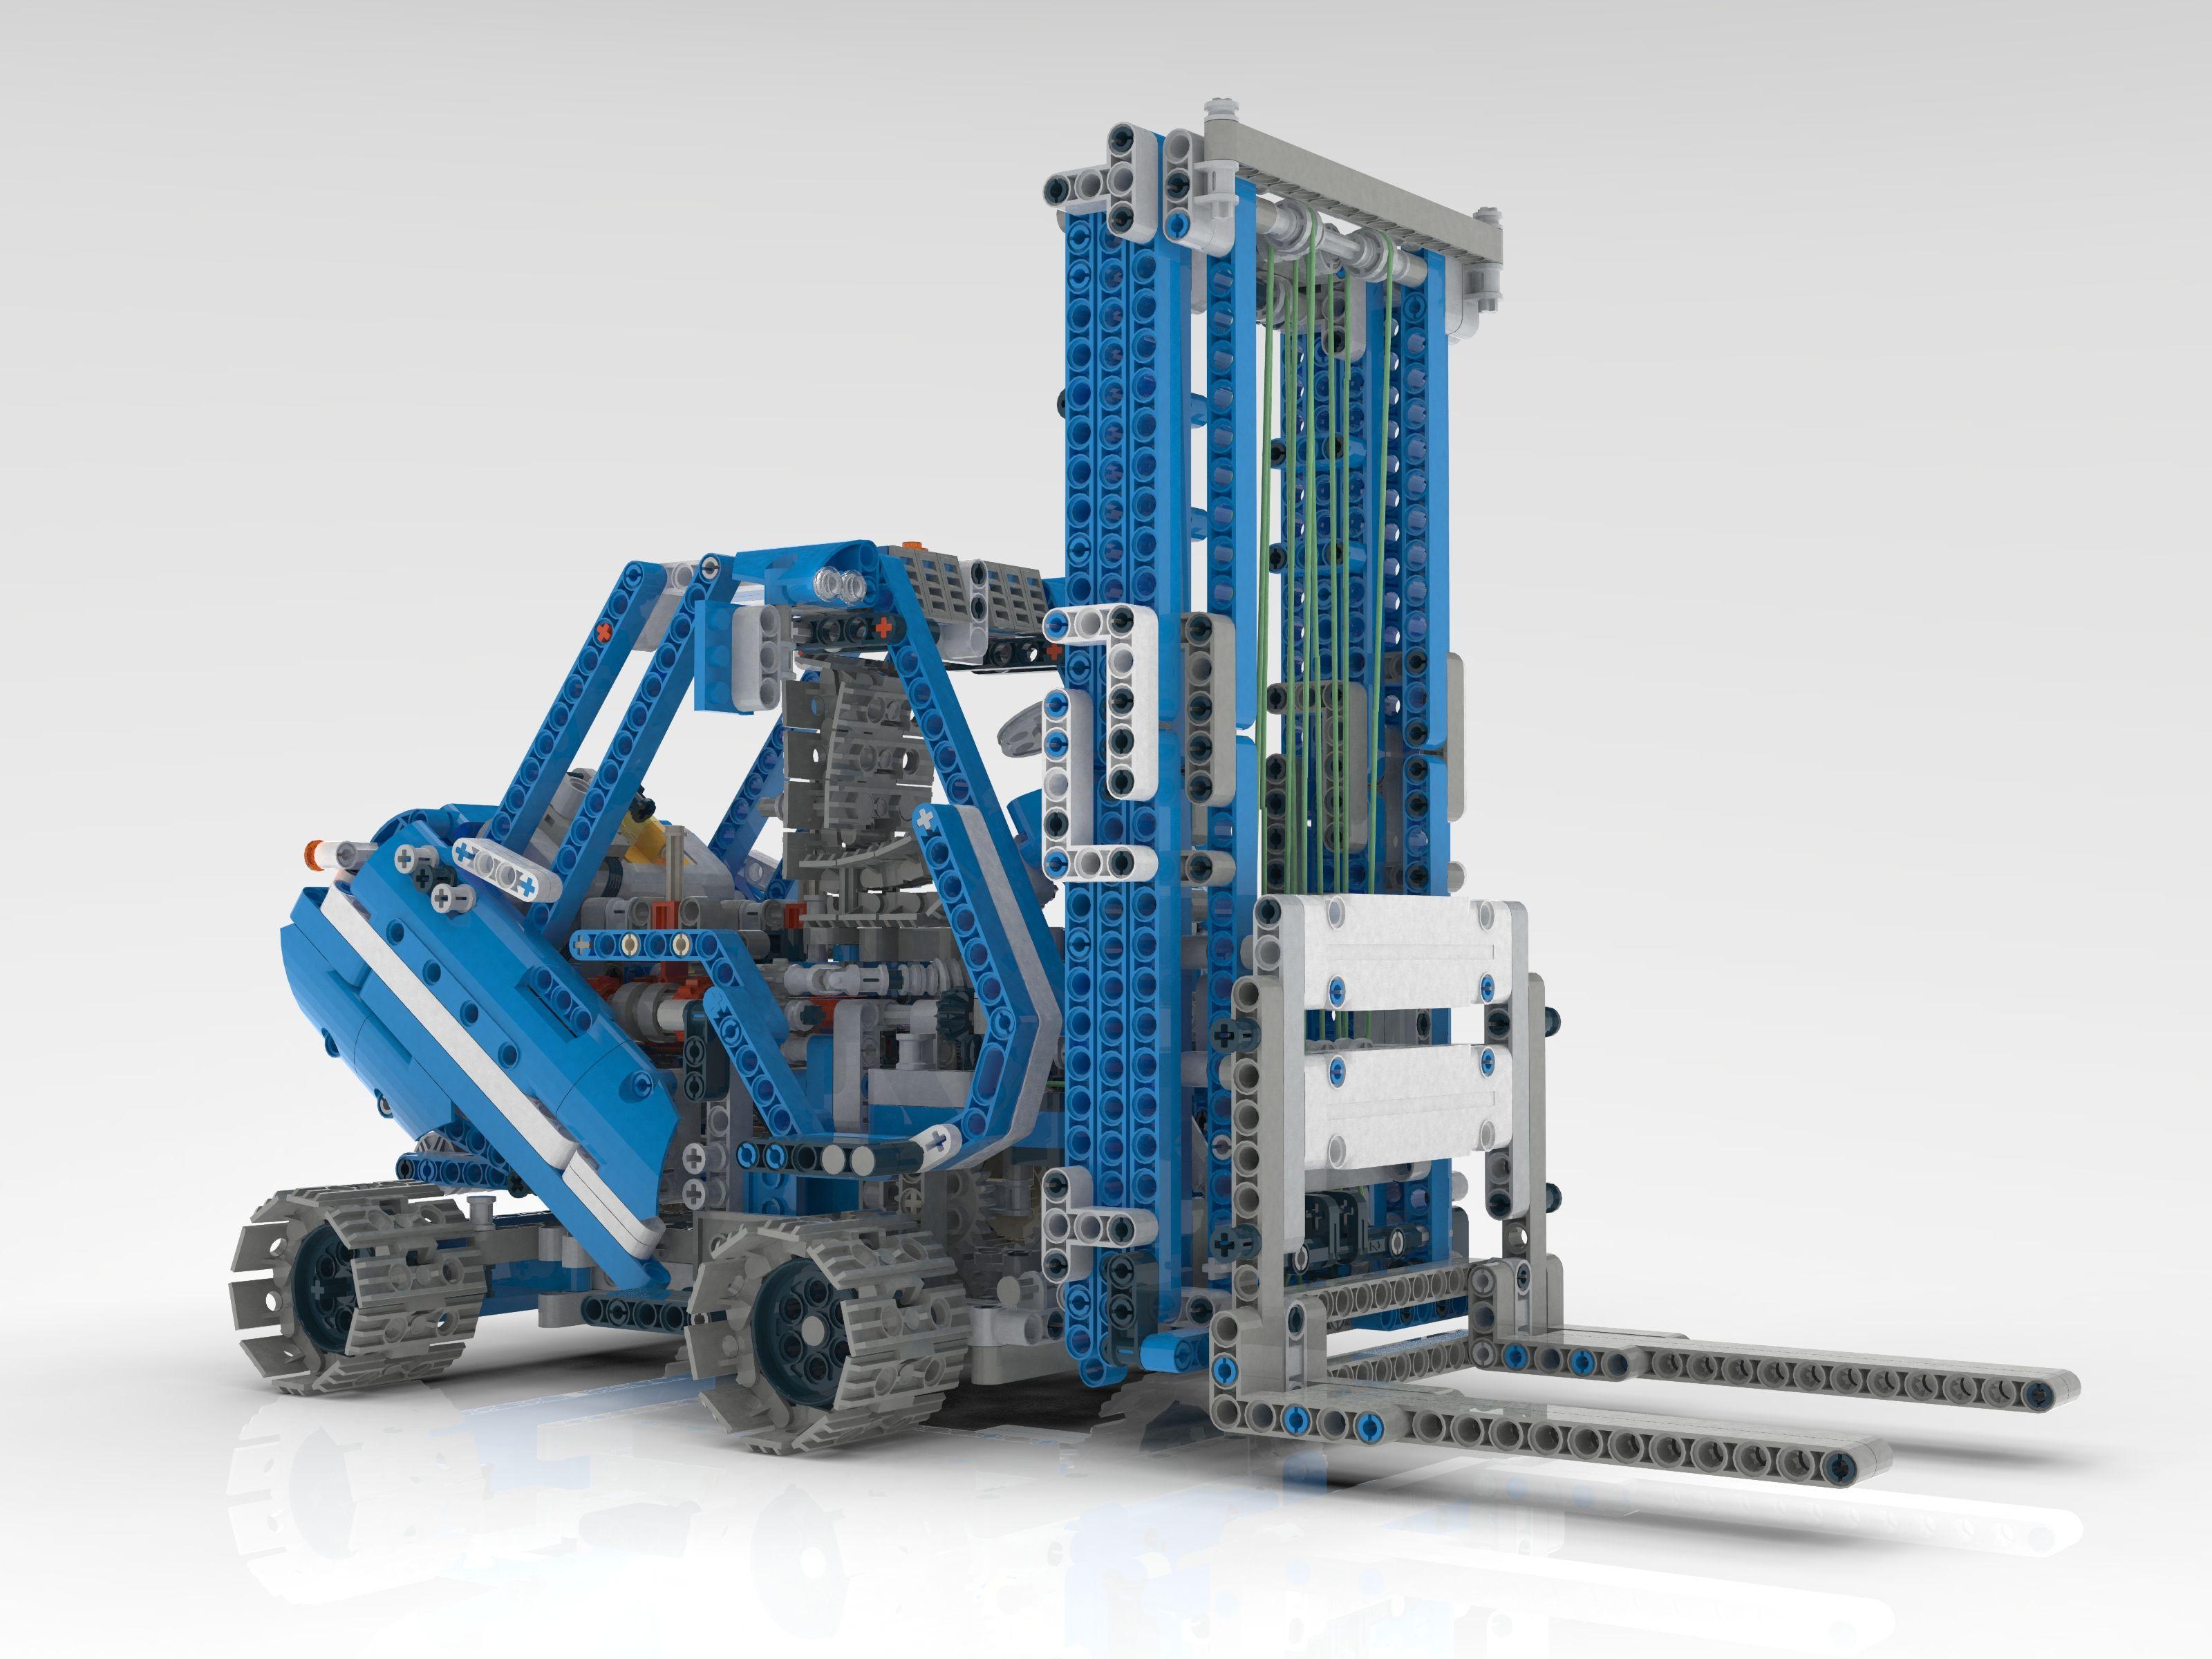 forklift cmodel 42042 lego lego technic lego lego moc. Black Bedroom Furniture Sets. Home Design Ideas